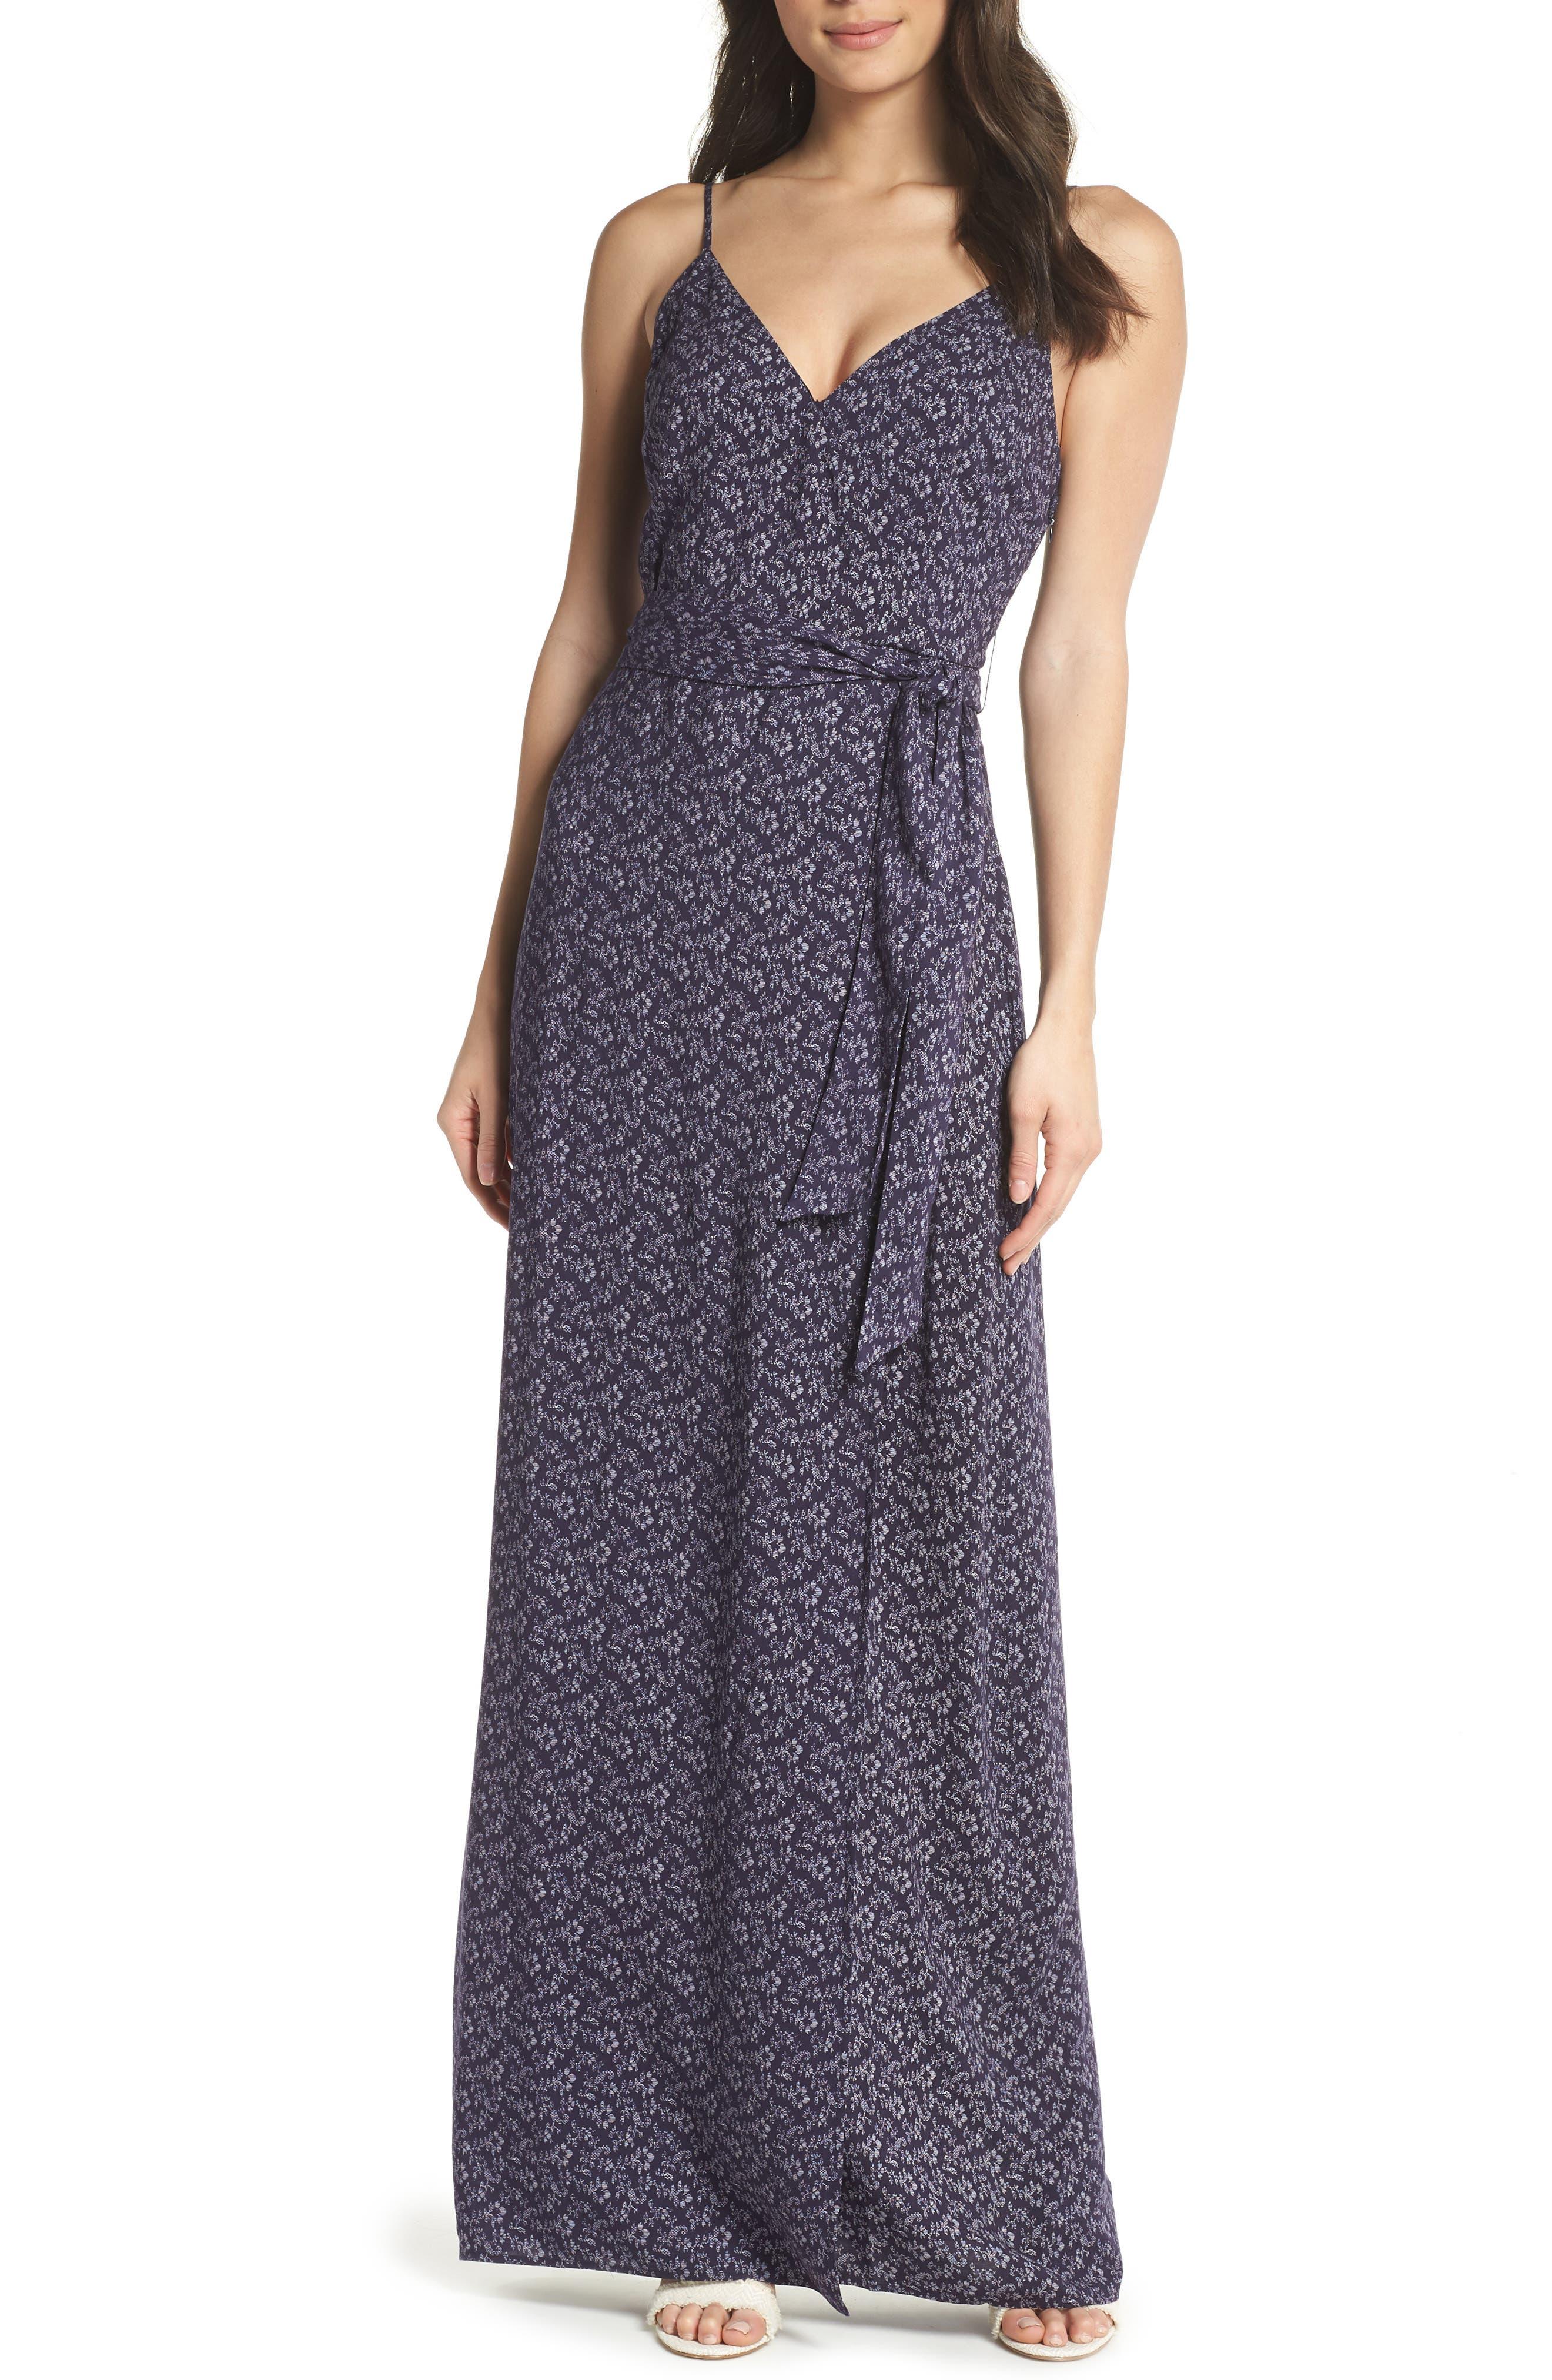 Regina Floral Print Maxi Dress,                             Main thumbnail 1, color,